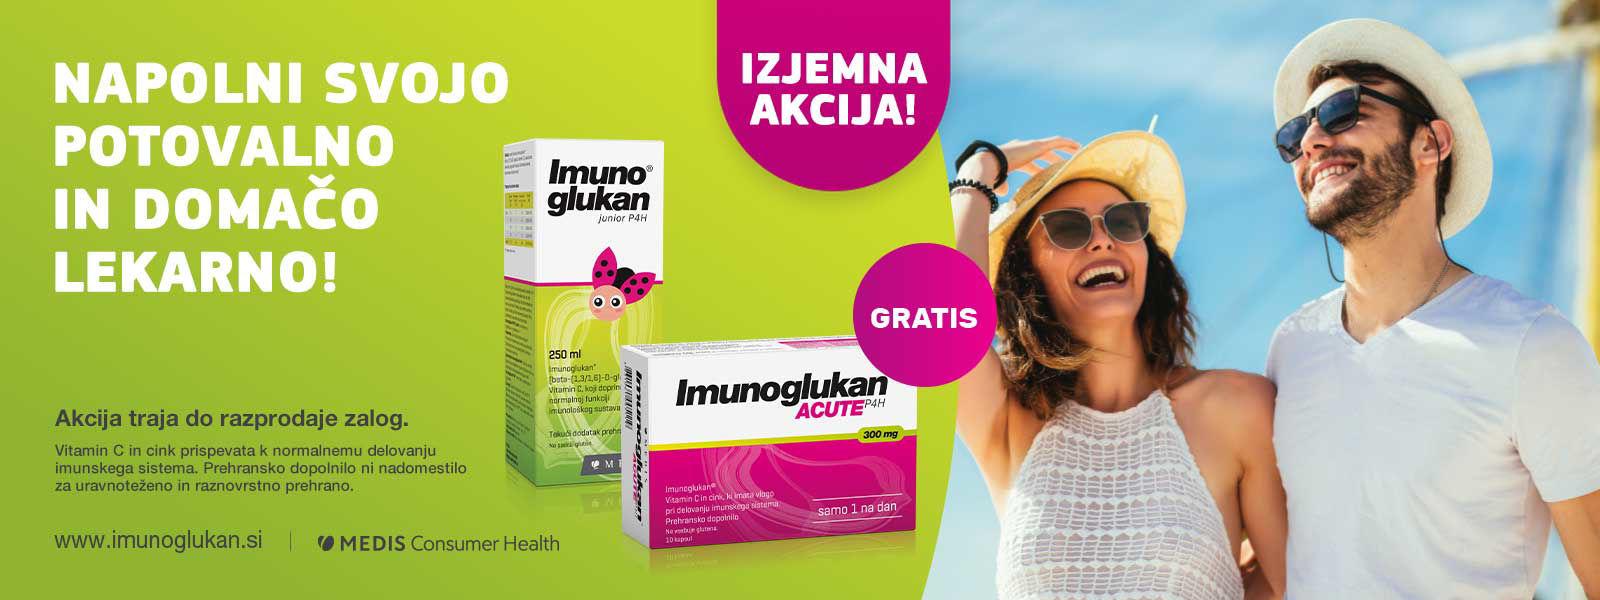 Imunoglukan-akcija